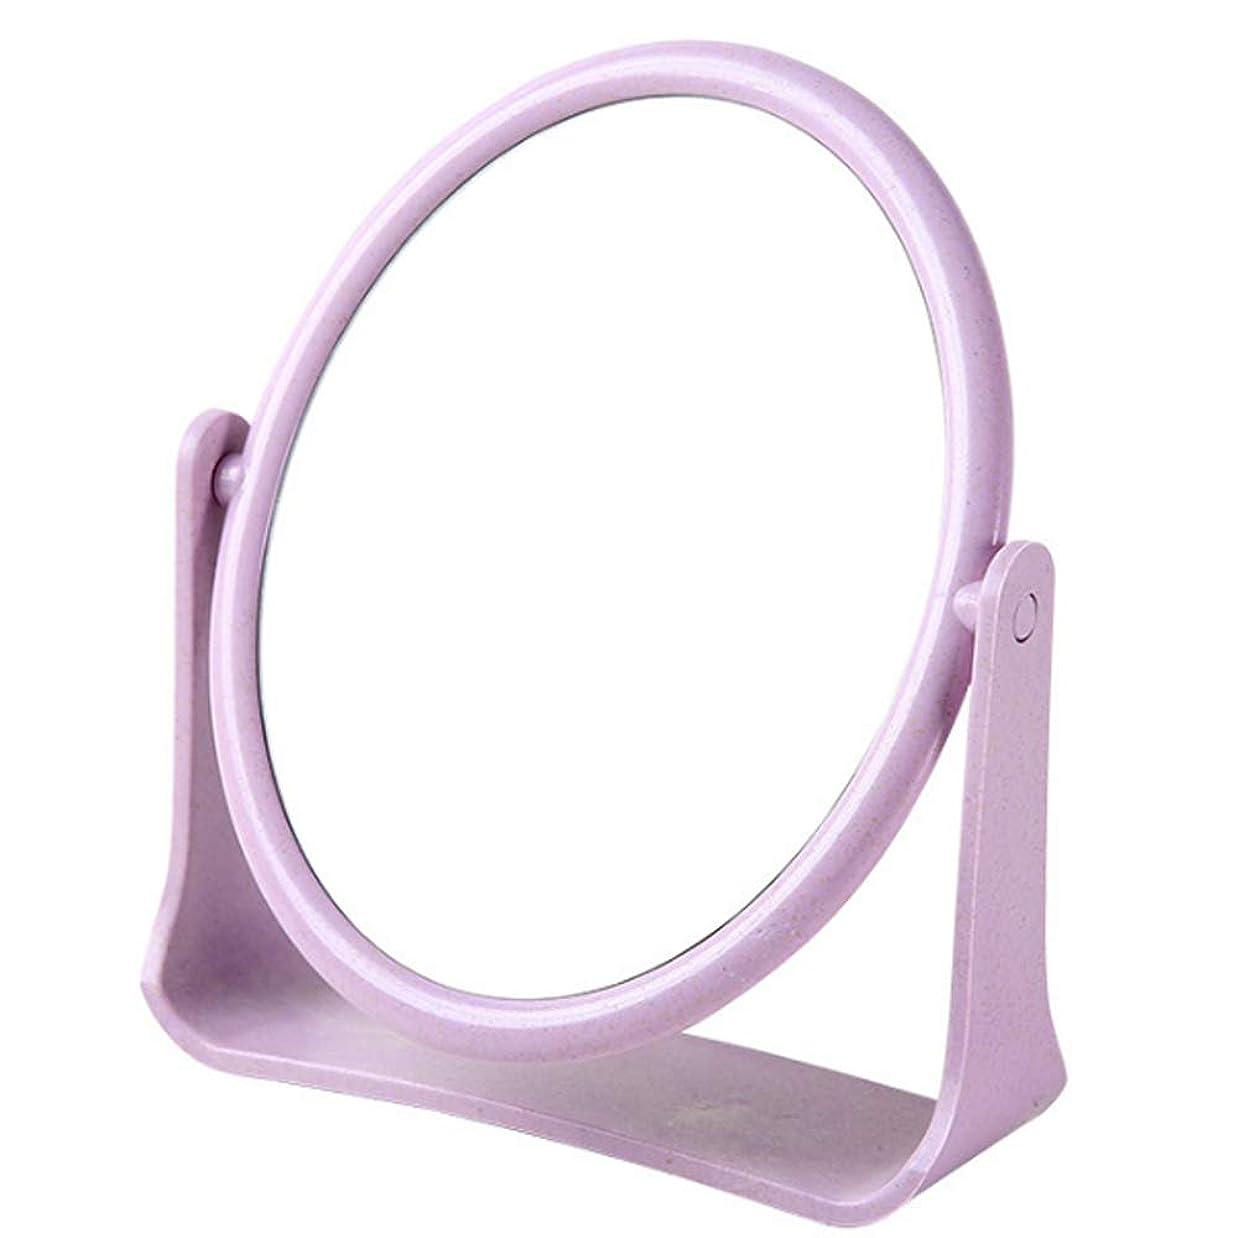 気付くめ言葉黒化粧鏡 360度回転 スタンドミラー メイク両面鏡 ポータブル 多角度転換可能円形のカウンタートップ (パープル)